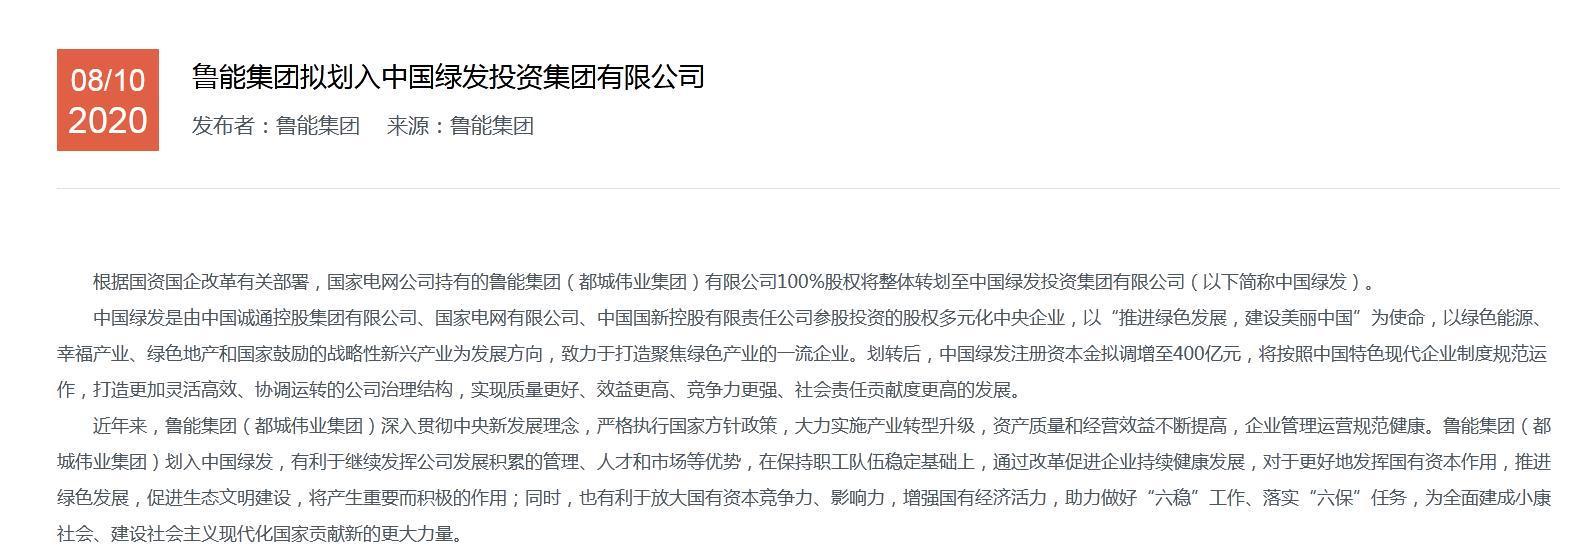 《【天辰测速网站】央企重磅!国家电网退出房地产业务 鲁能拟划入中国绿发》